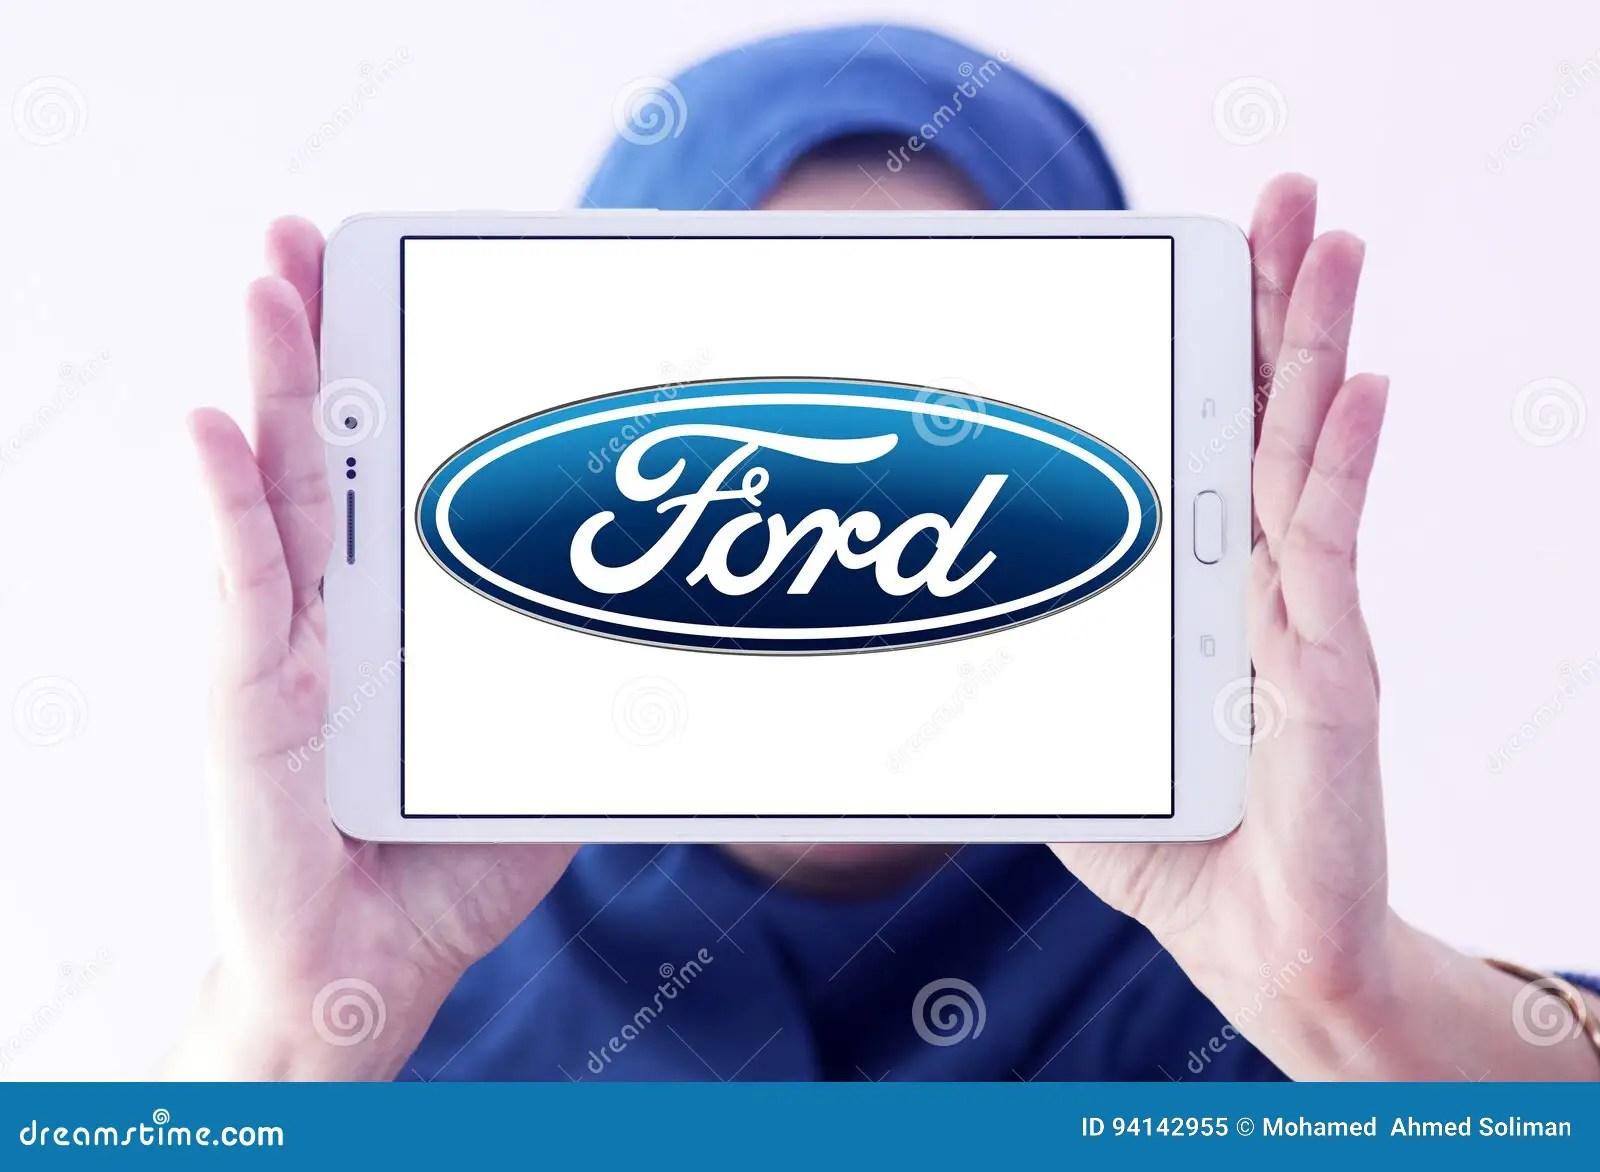 ford car logo editorial